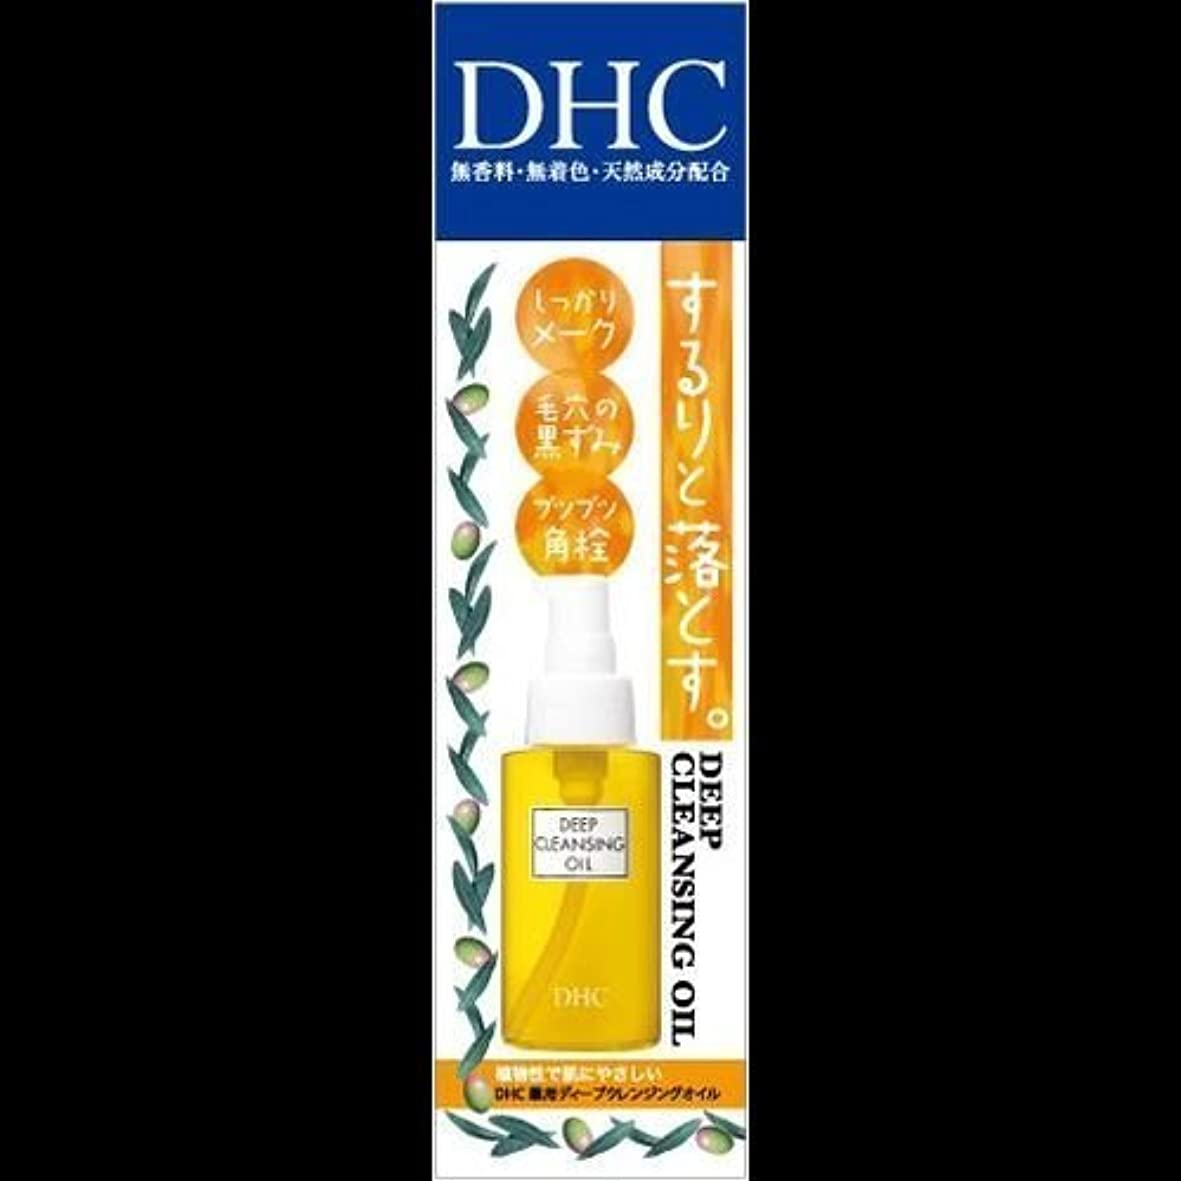 モニター資源あご【まとめ買い】DHC 薬用ディープクレンジングオイル(SS) 70ml ×2セット